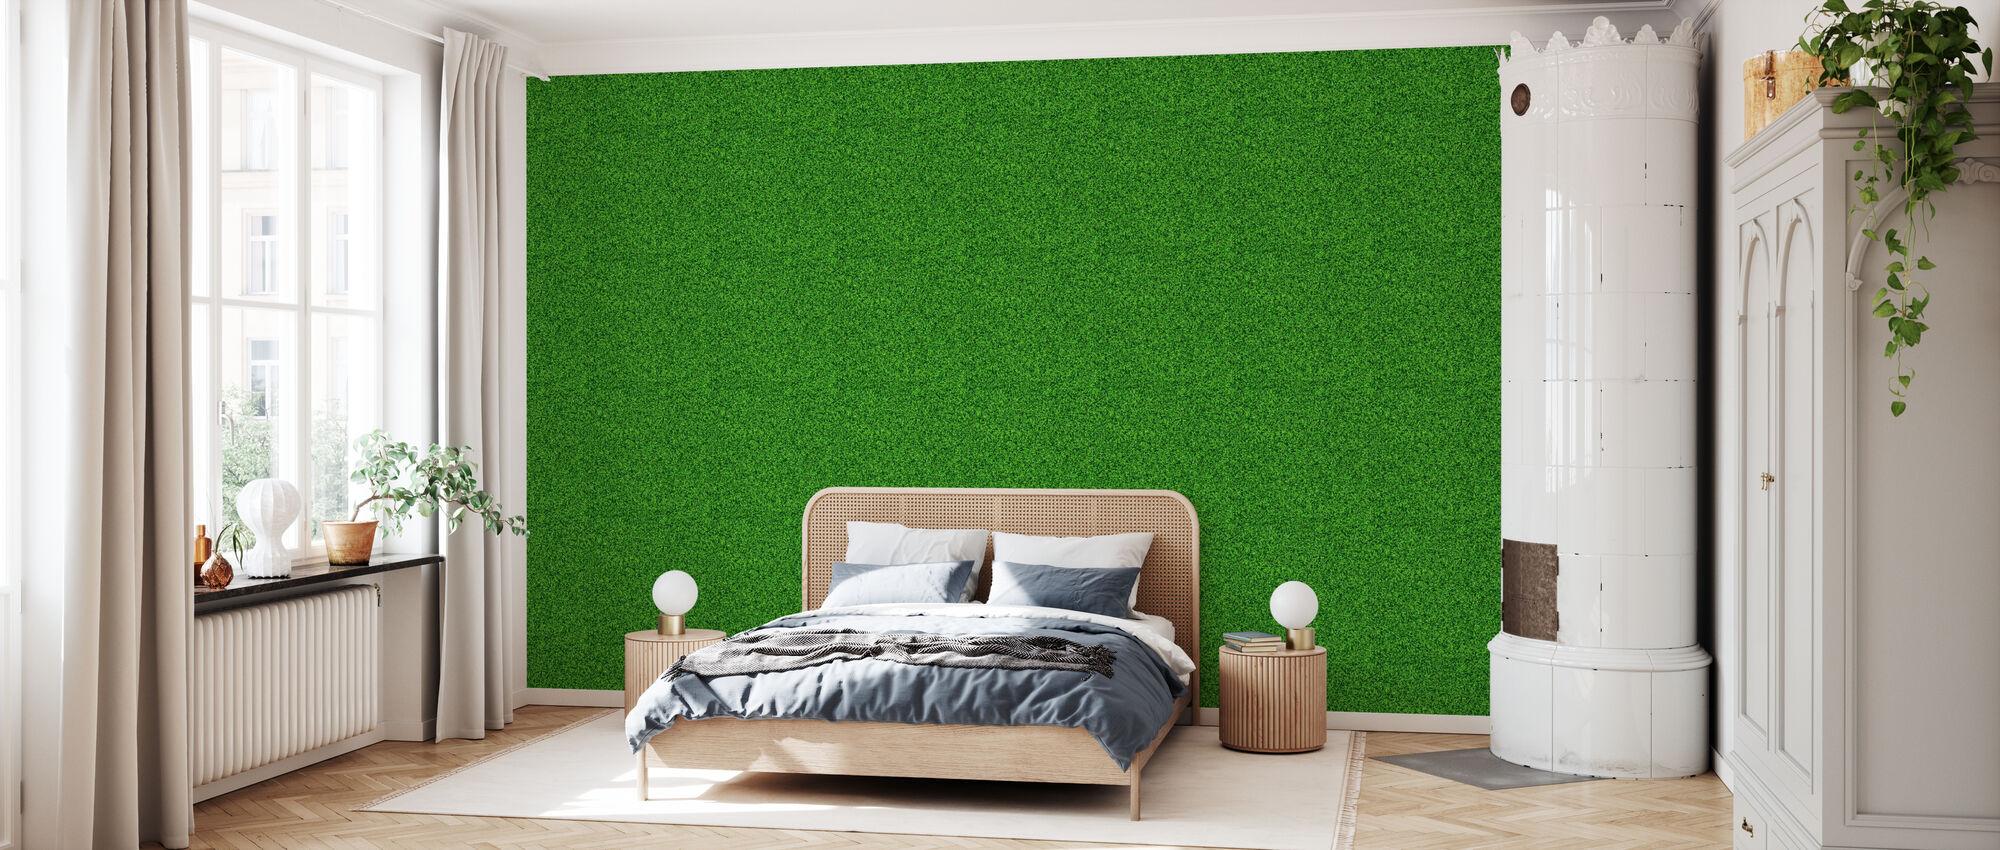 Grønn plen - Tapet - Soverom